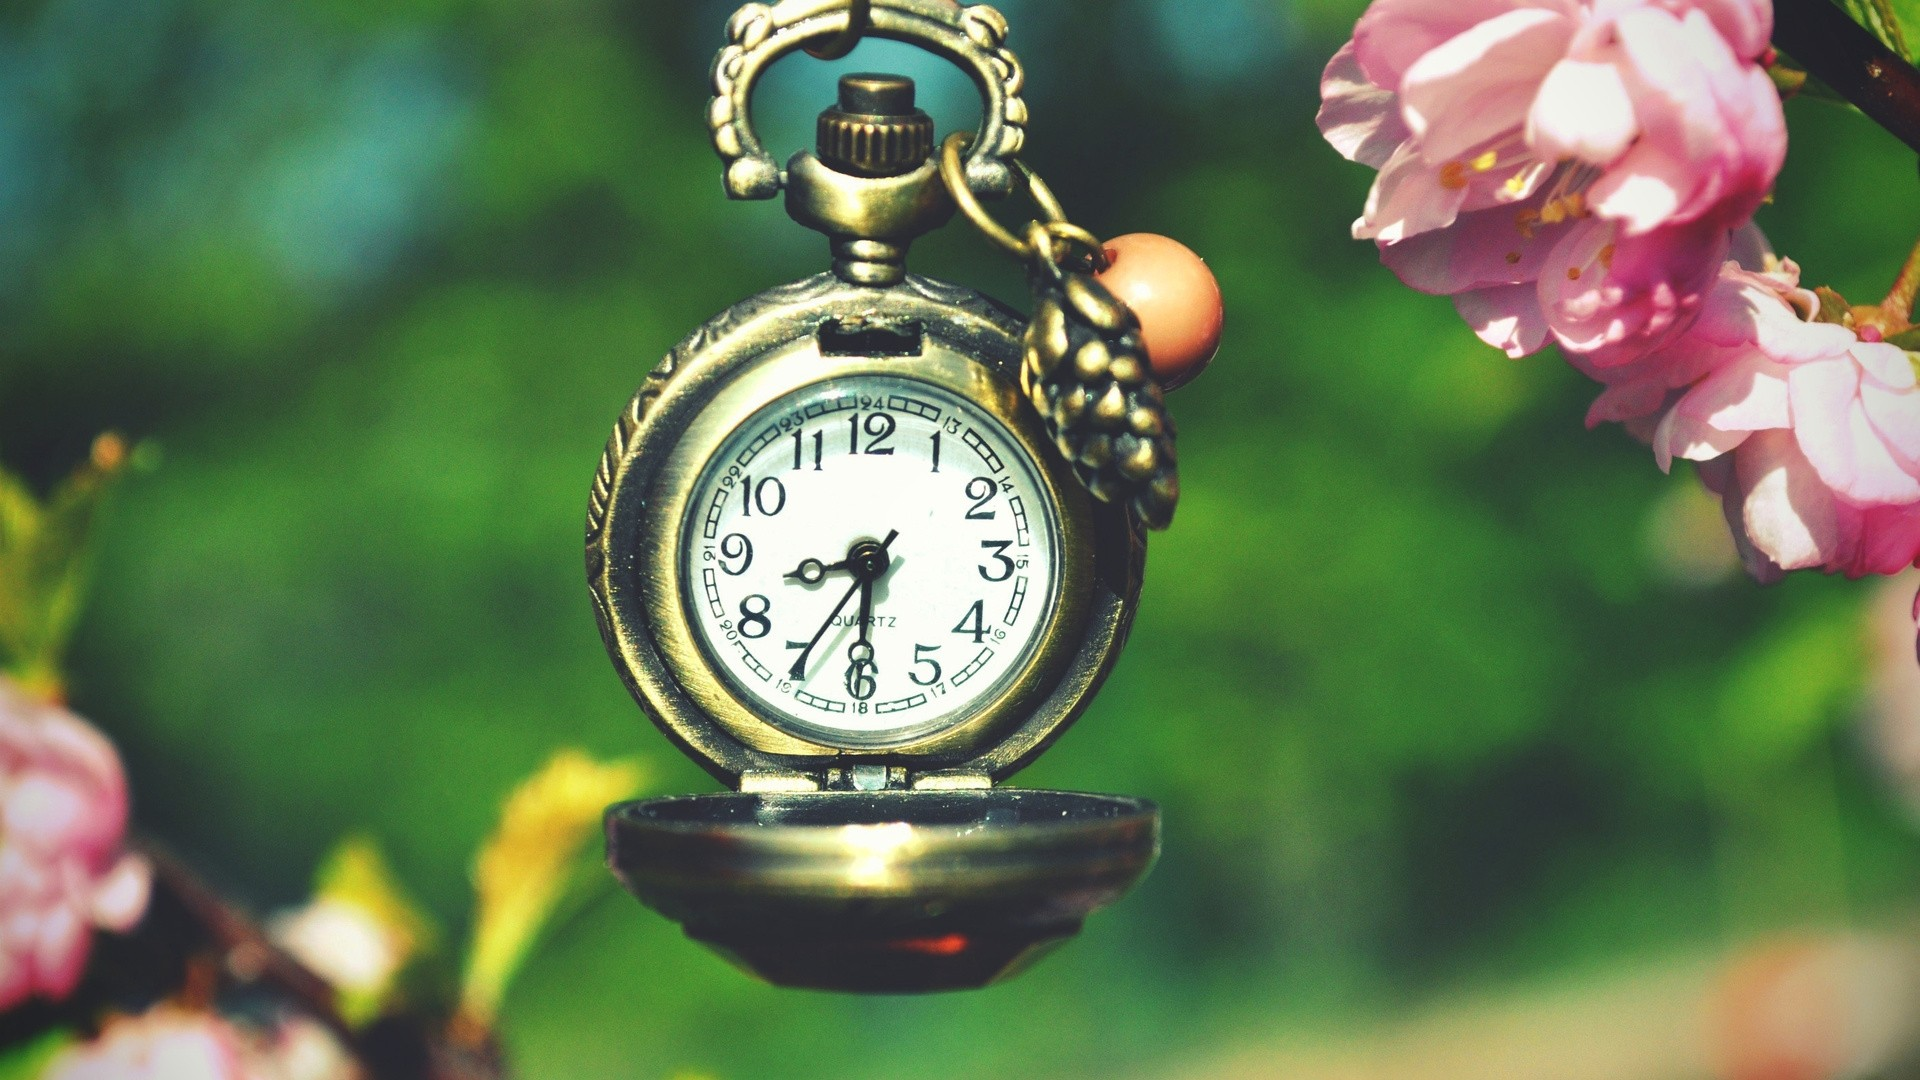 Time wallpaper